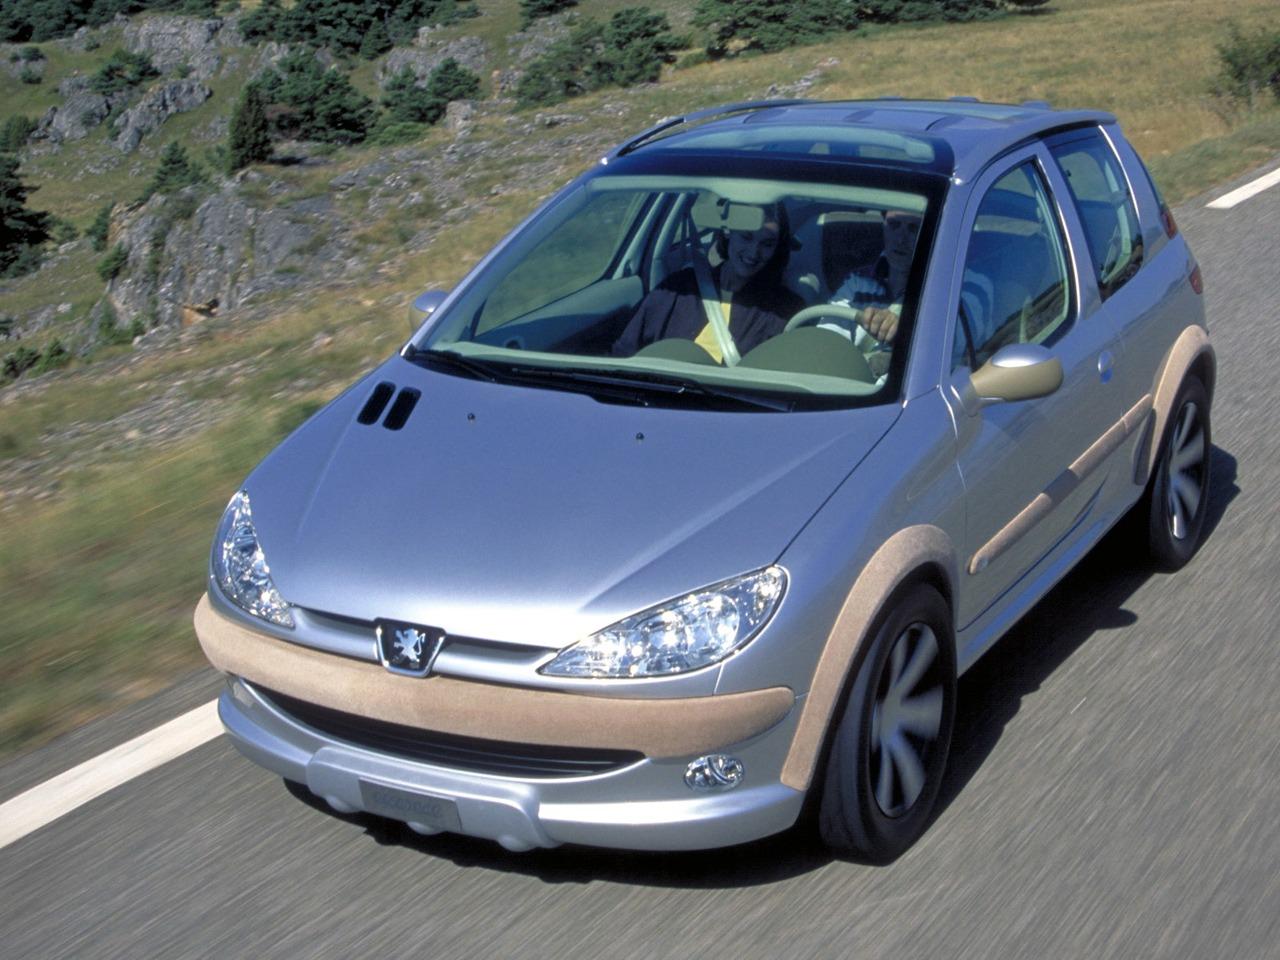 Peugeot 206 Escapade (1998)